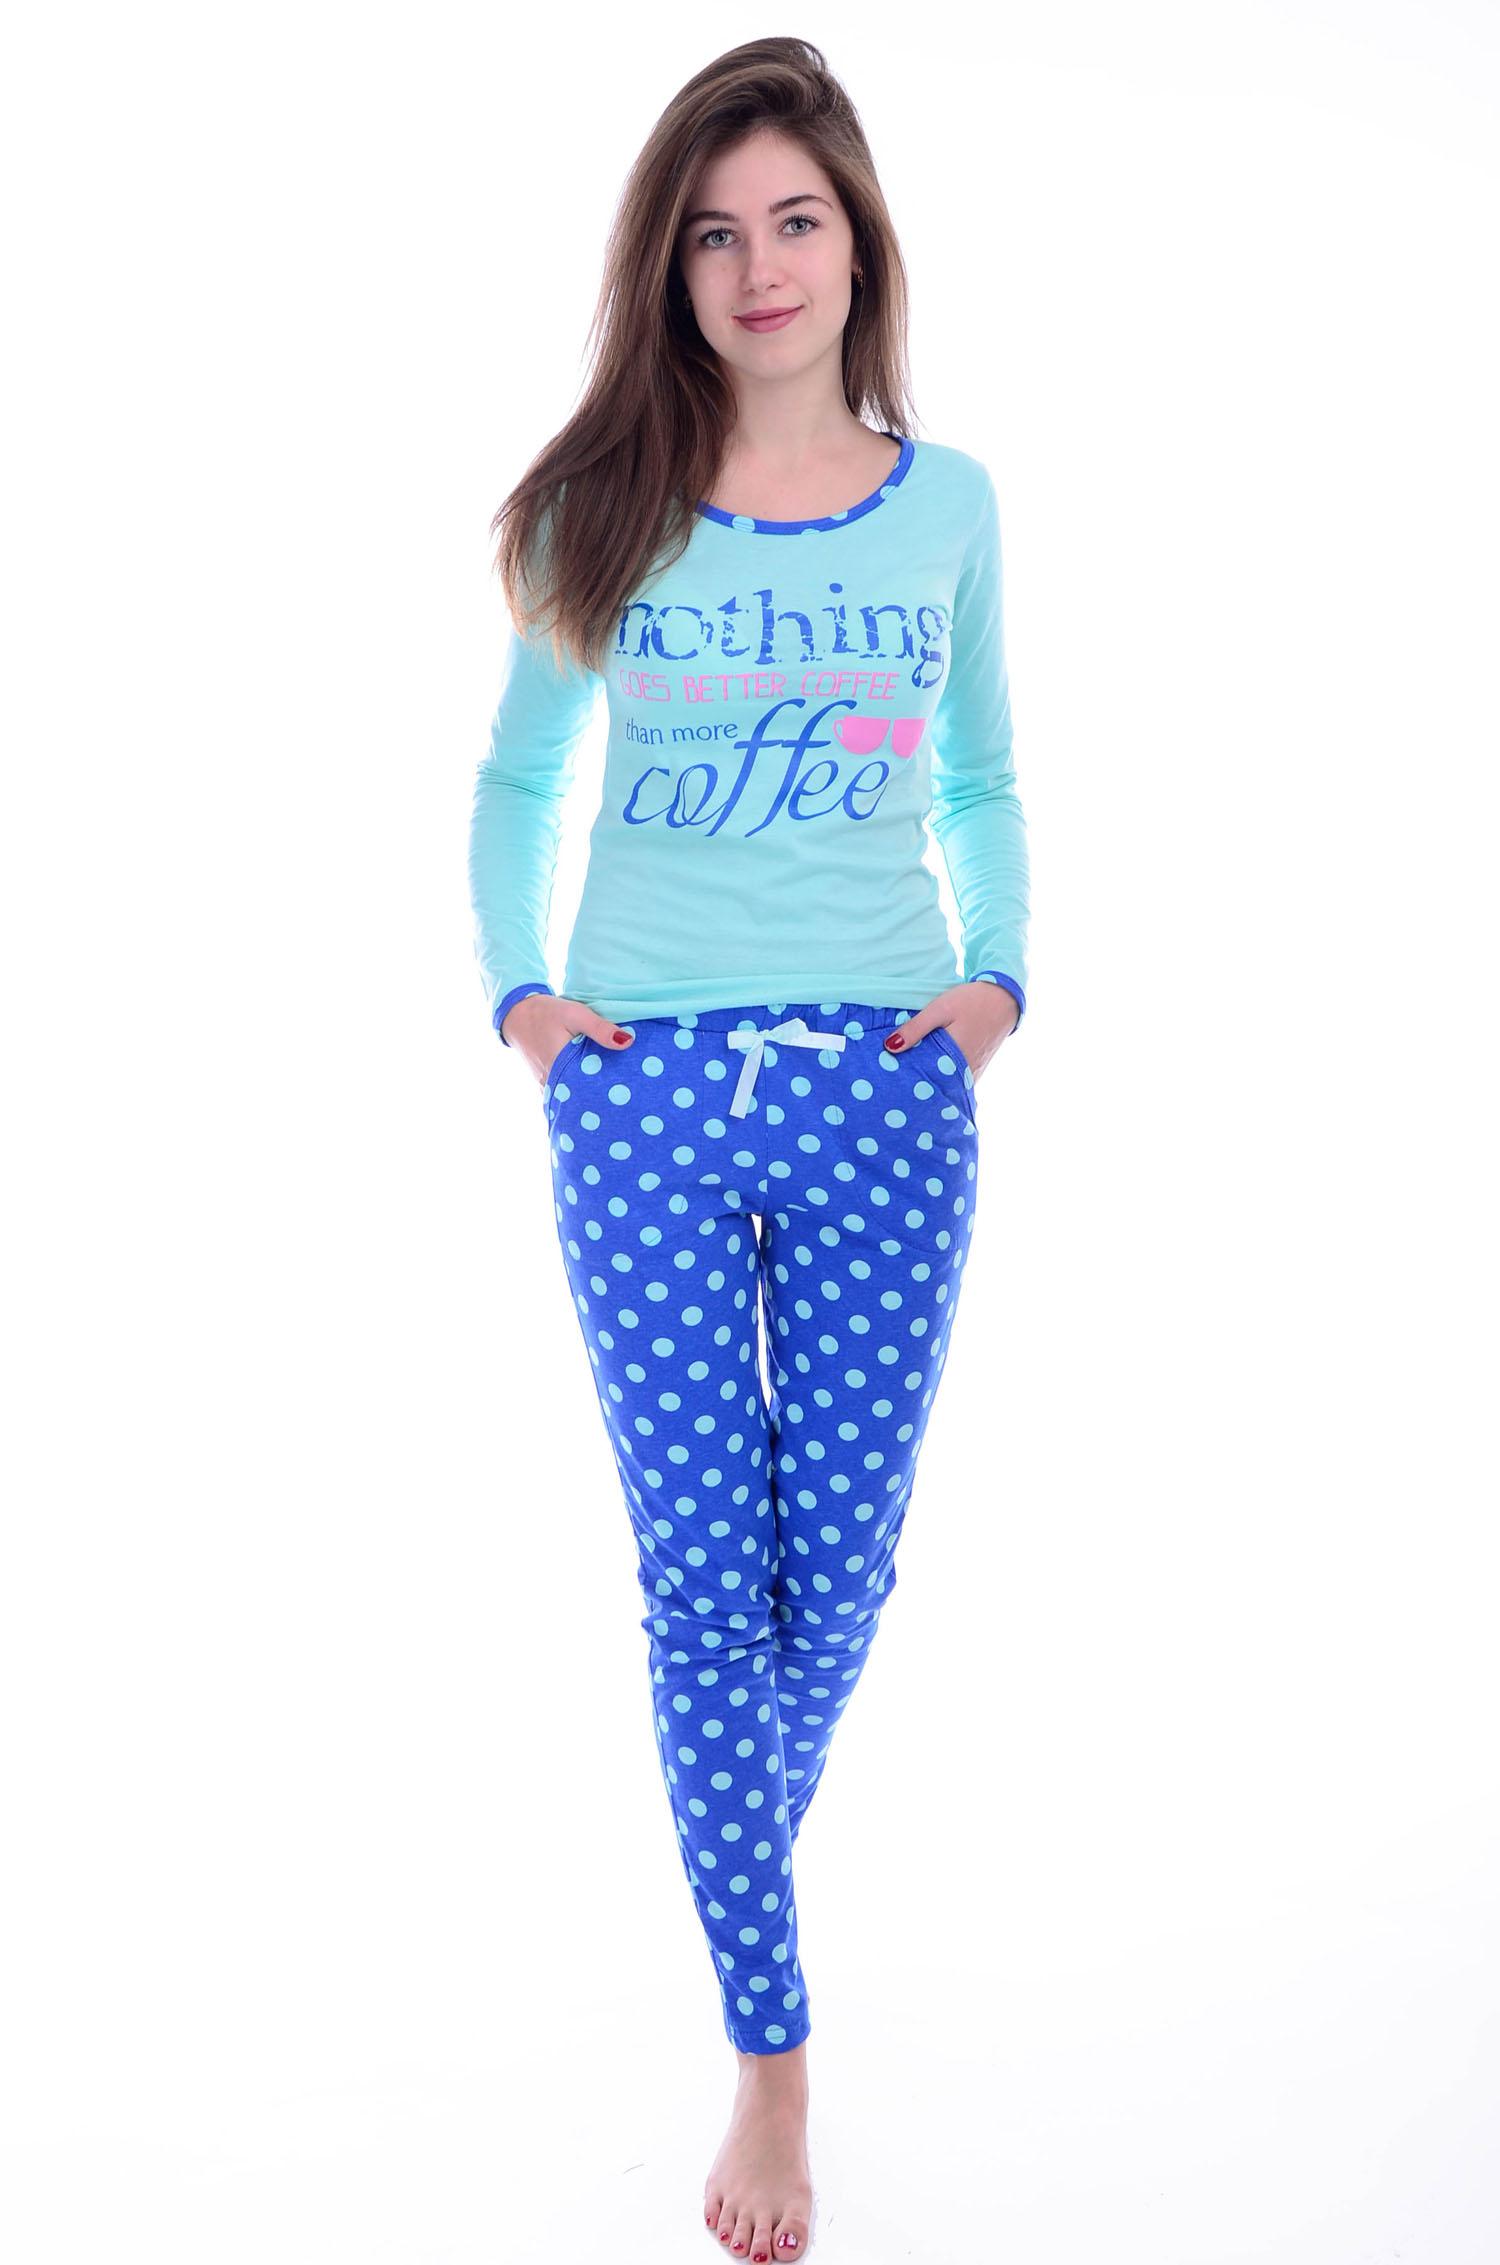 Костюм женский Кофе футболка и брюкиДомашняя одежда<br><br><br>Размер: 42